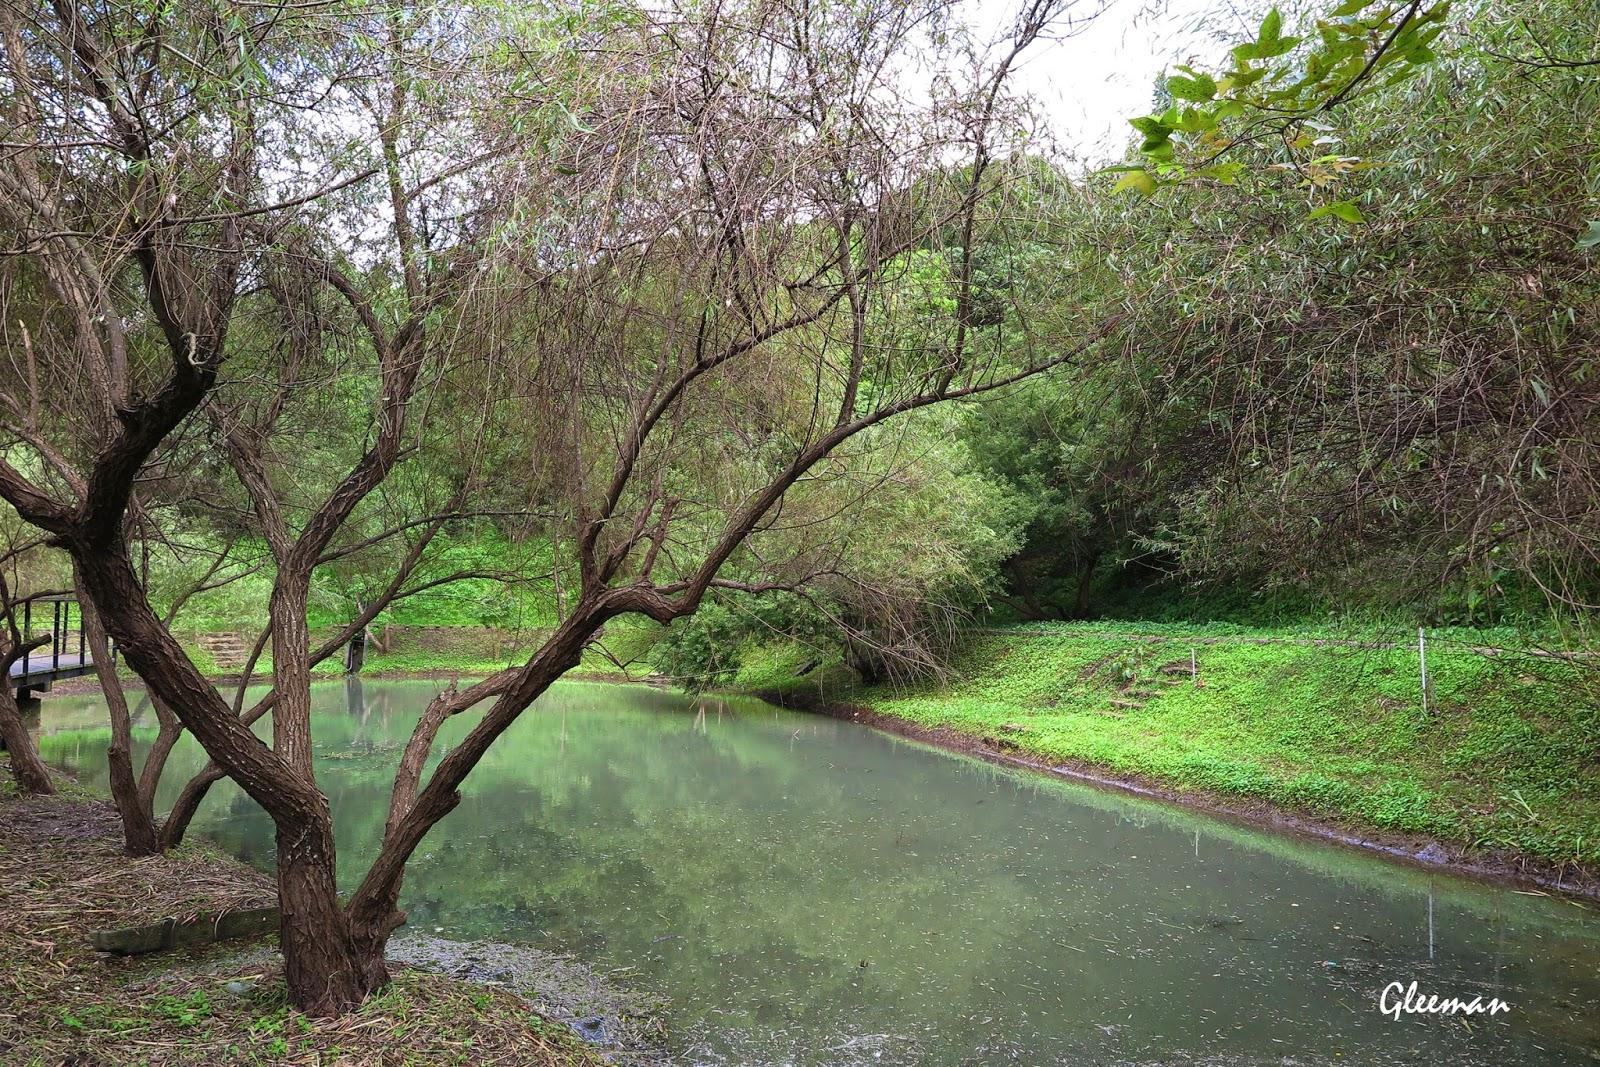 經過大地工程的整理後的生態池變得很乾淨